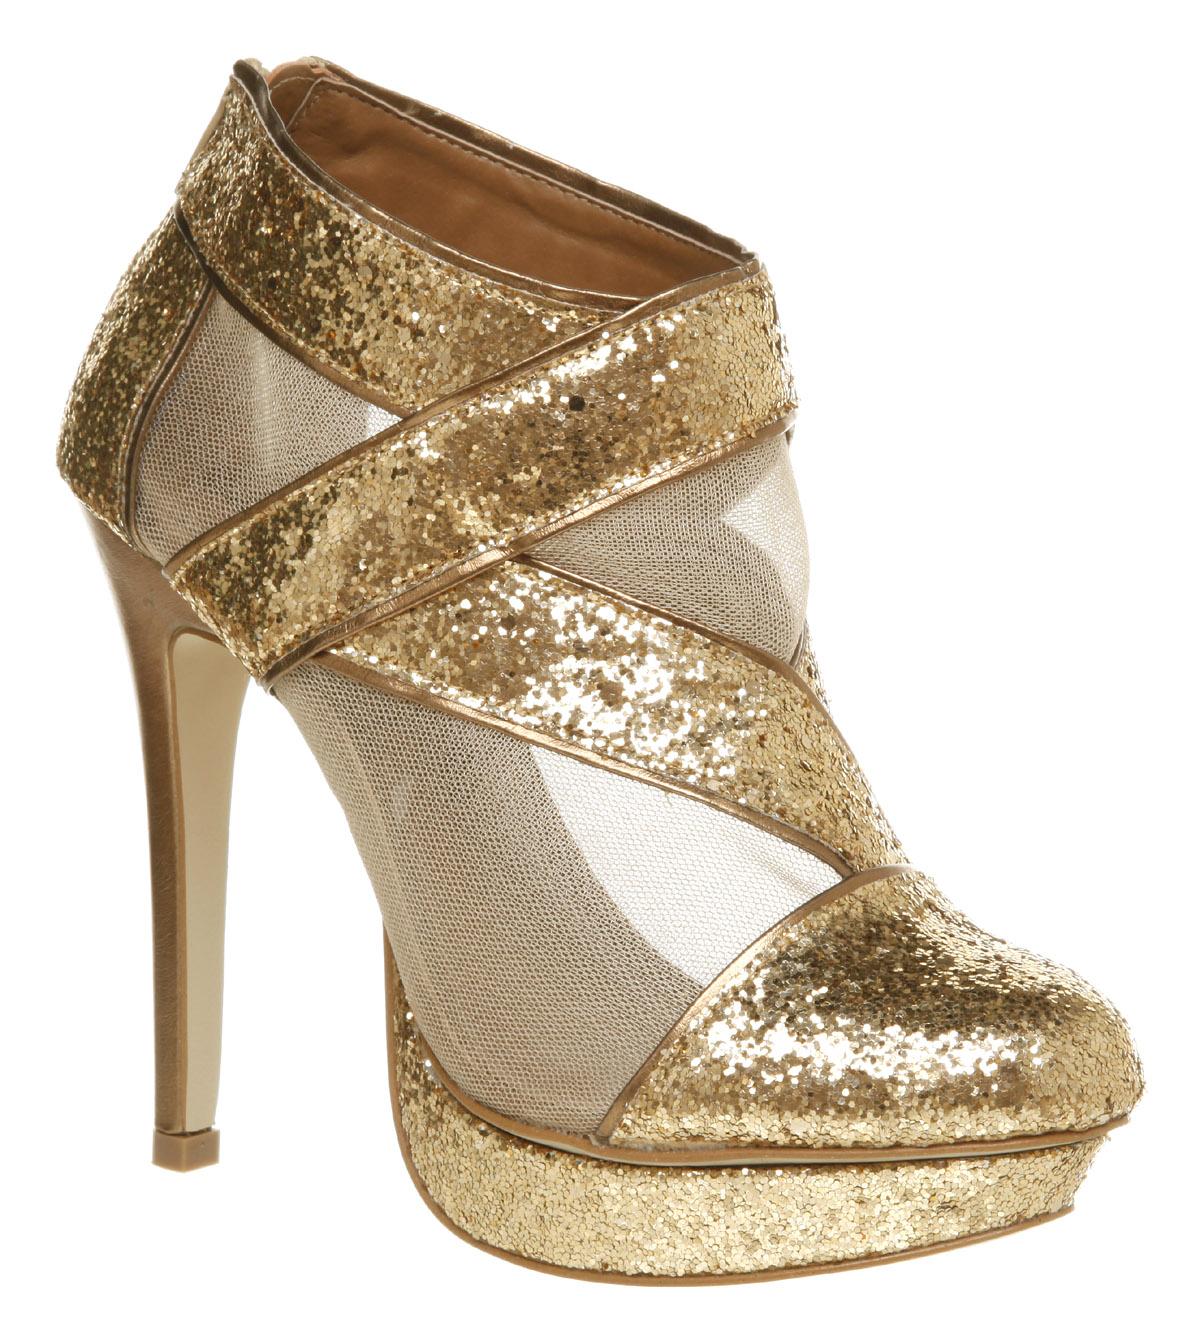 Womens Gold Heels - Is Heel